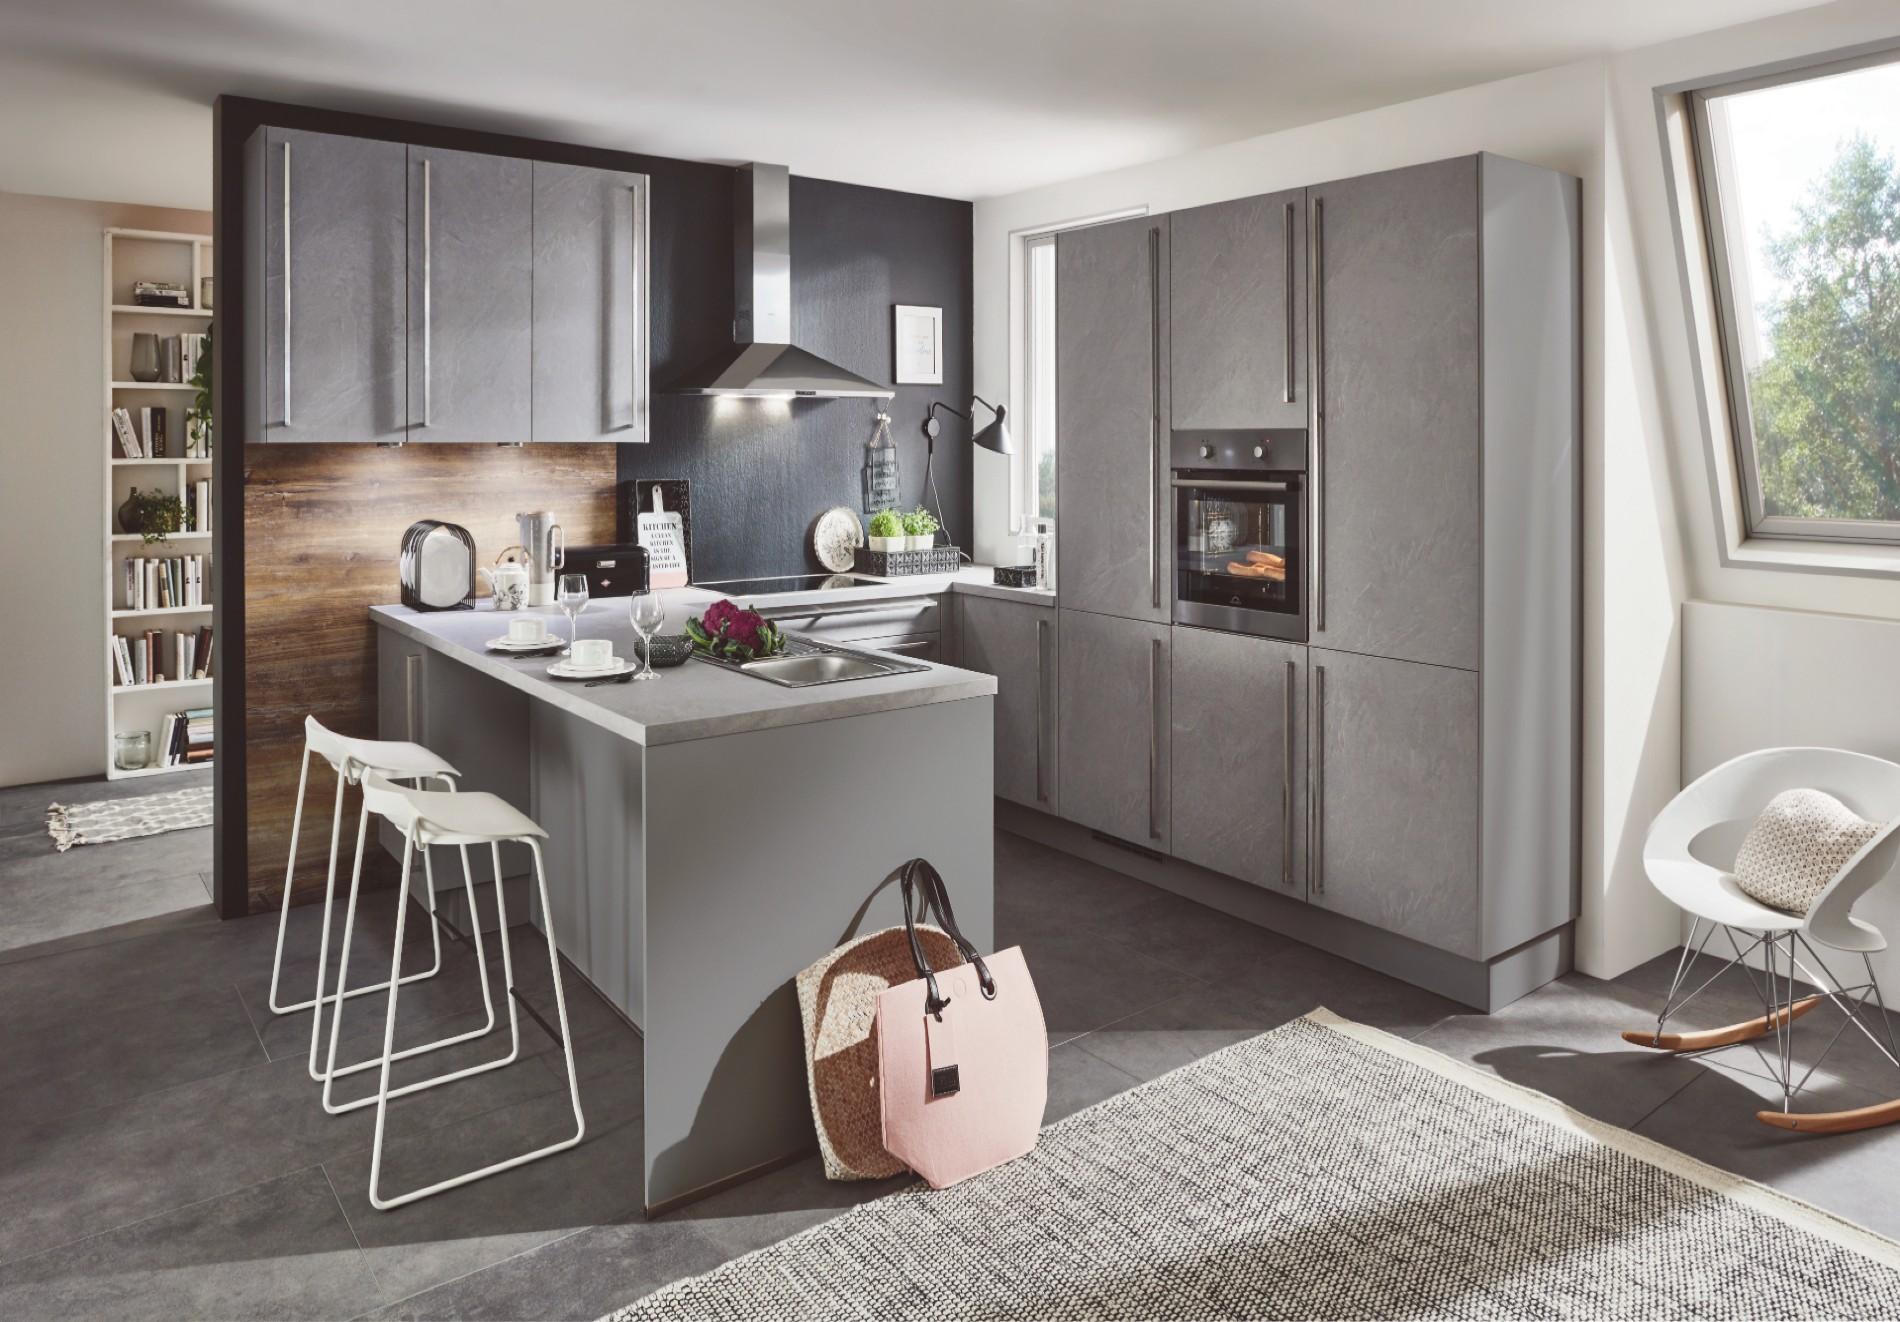 moderne keuken betonlook